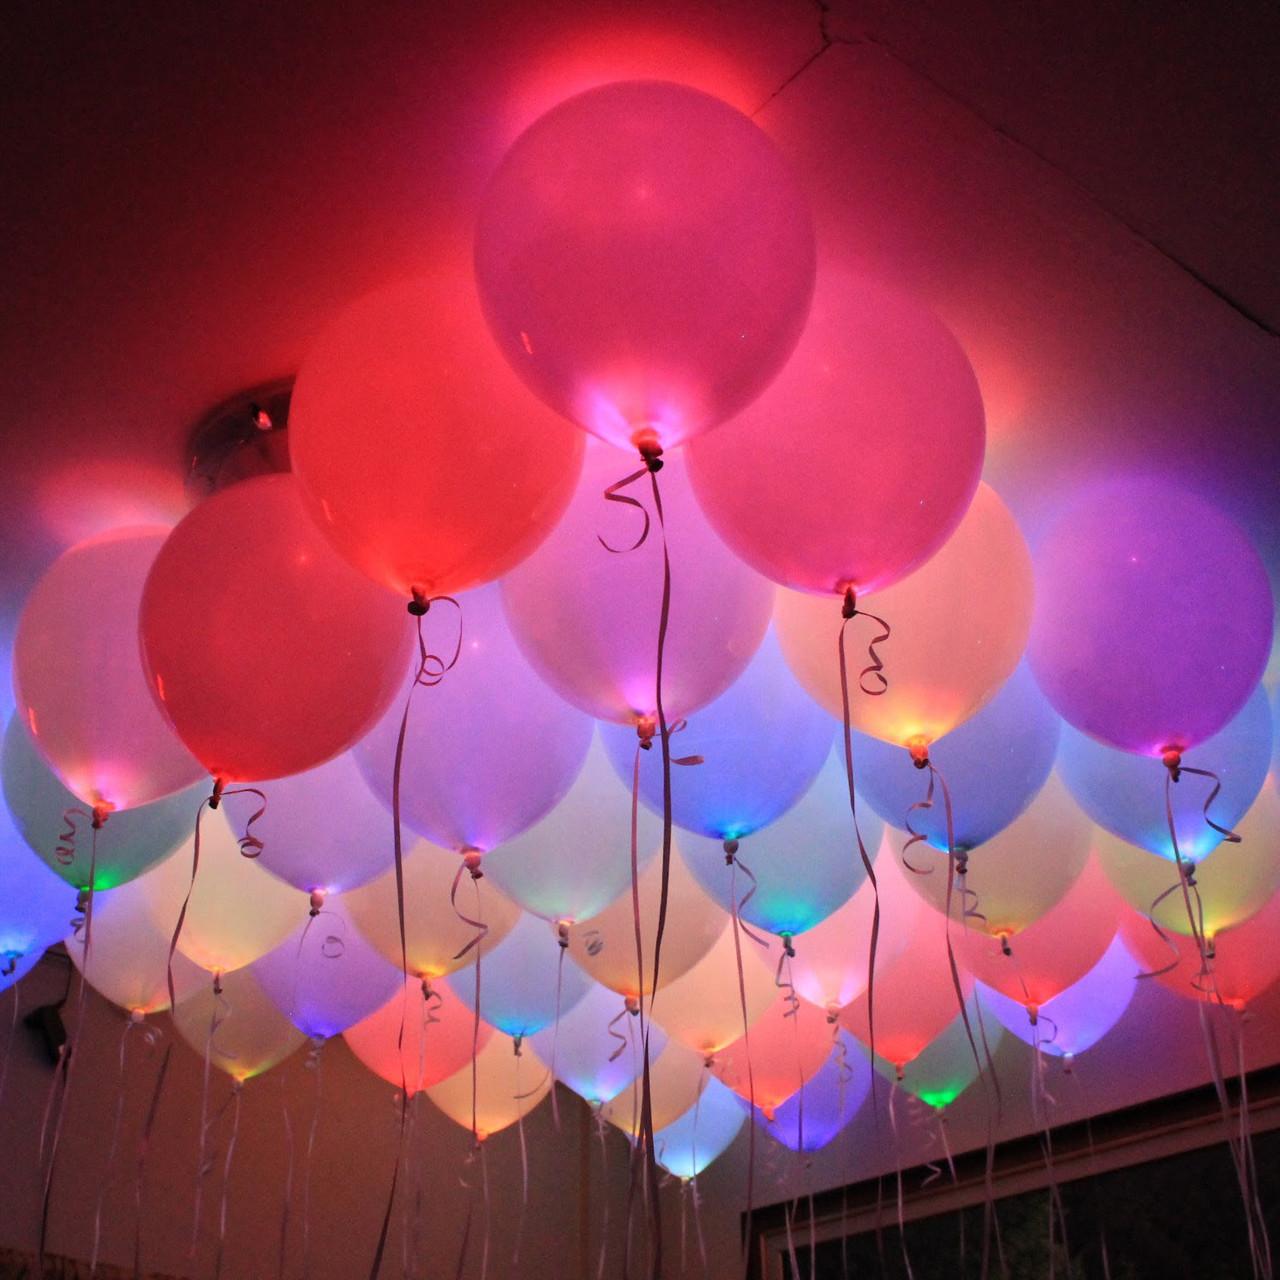 Яскраві, повітряні кульки з підсвічуванням на день народження! Різнокольорові кульки, що світяться в темряві!